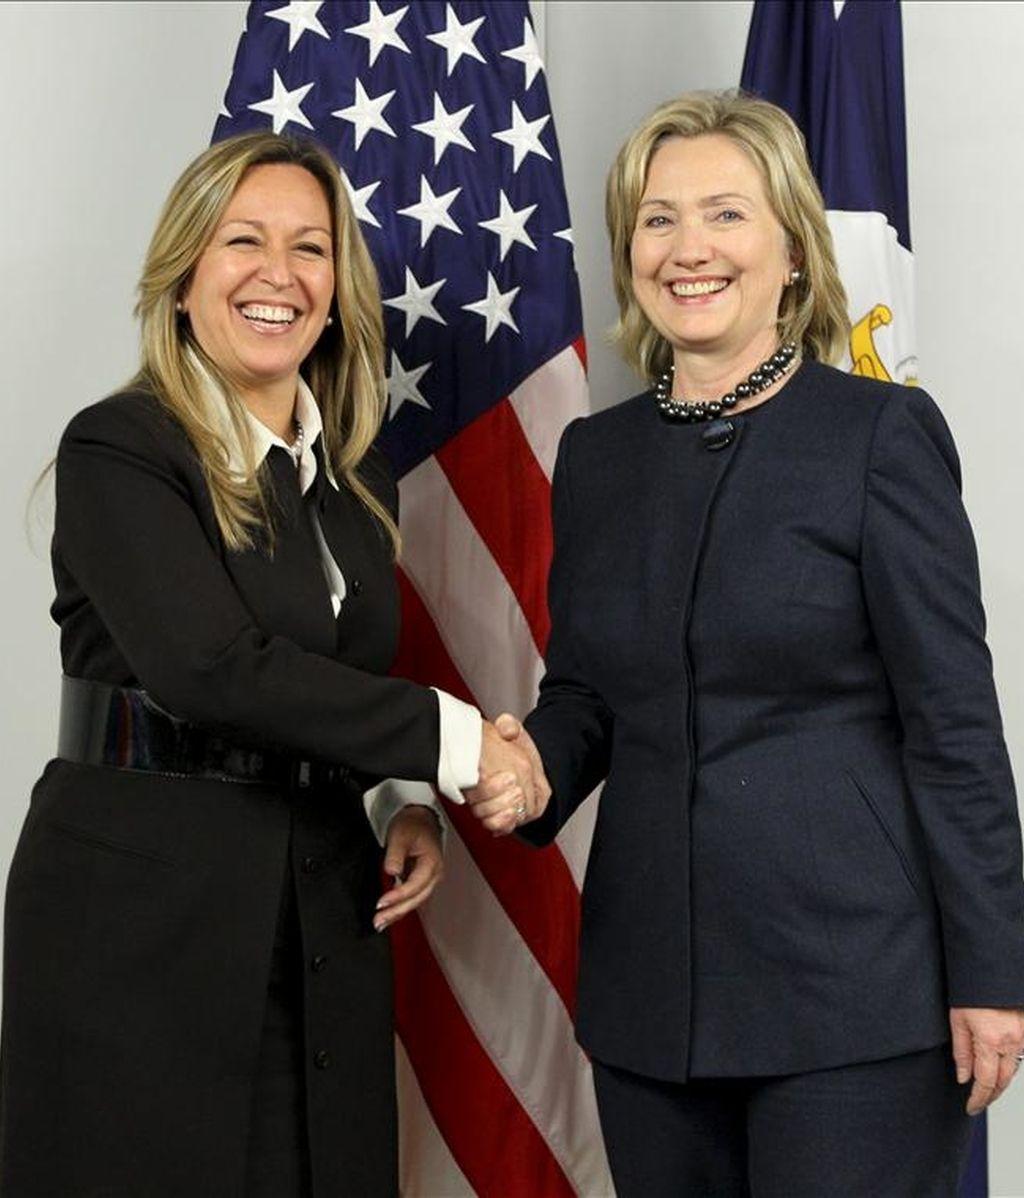 La ministra espalola de Asuntos Exteriores y Cooperación, Trinidad Jiménez (i), junto a la secretaria de Estado de EEUU, Hillary Clinton. EFE/Archivo